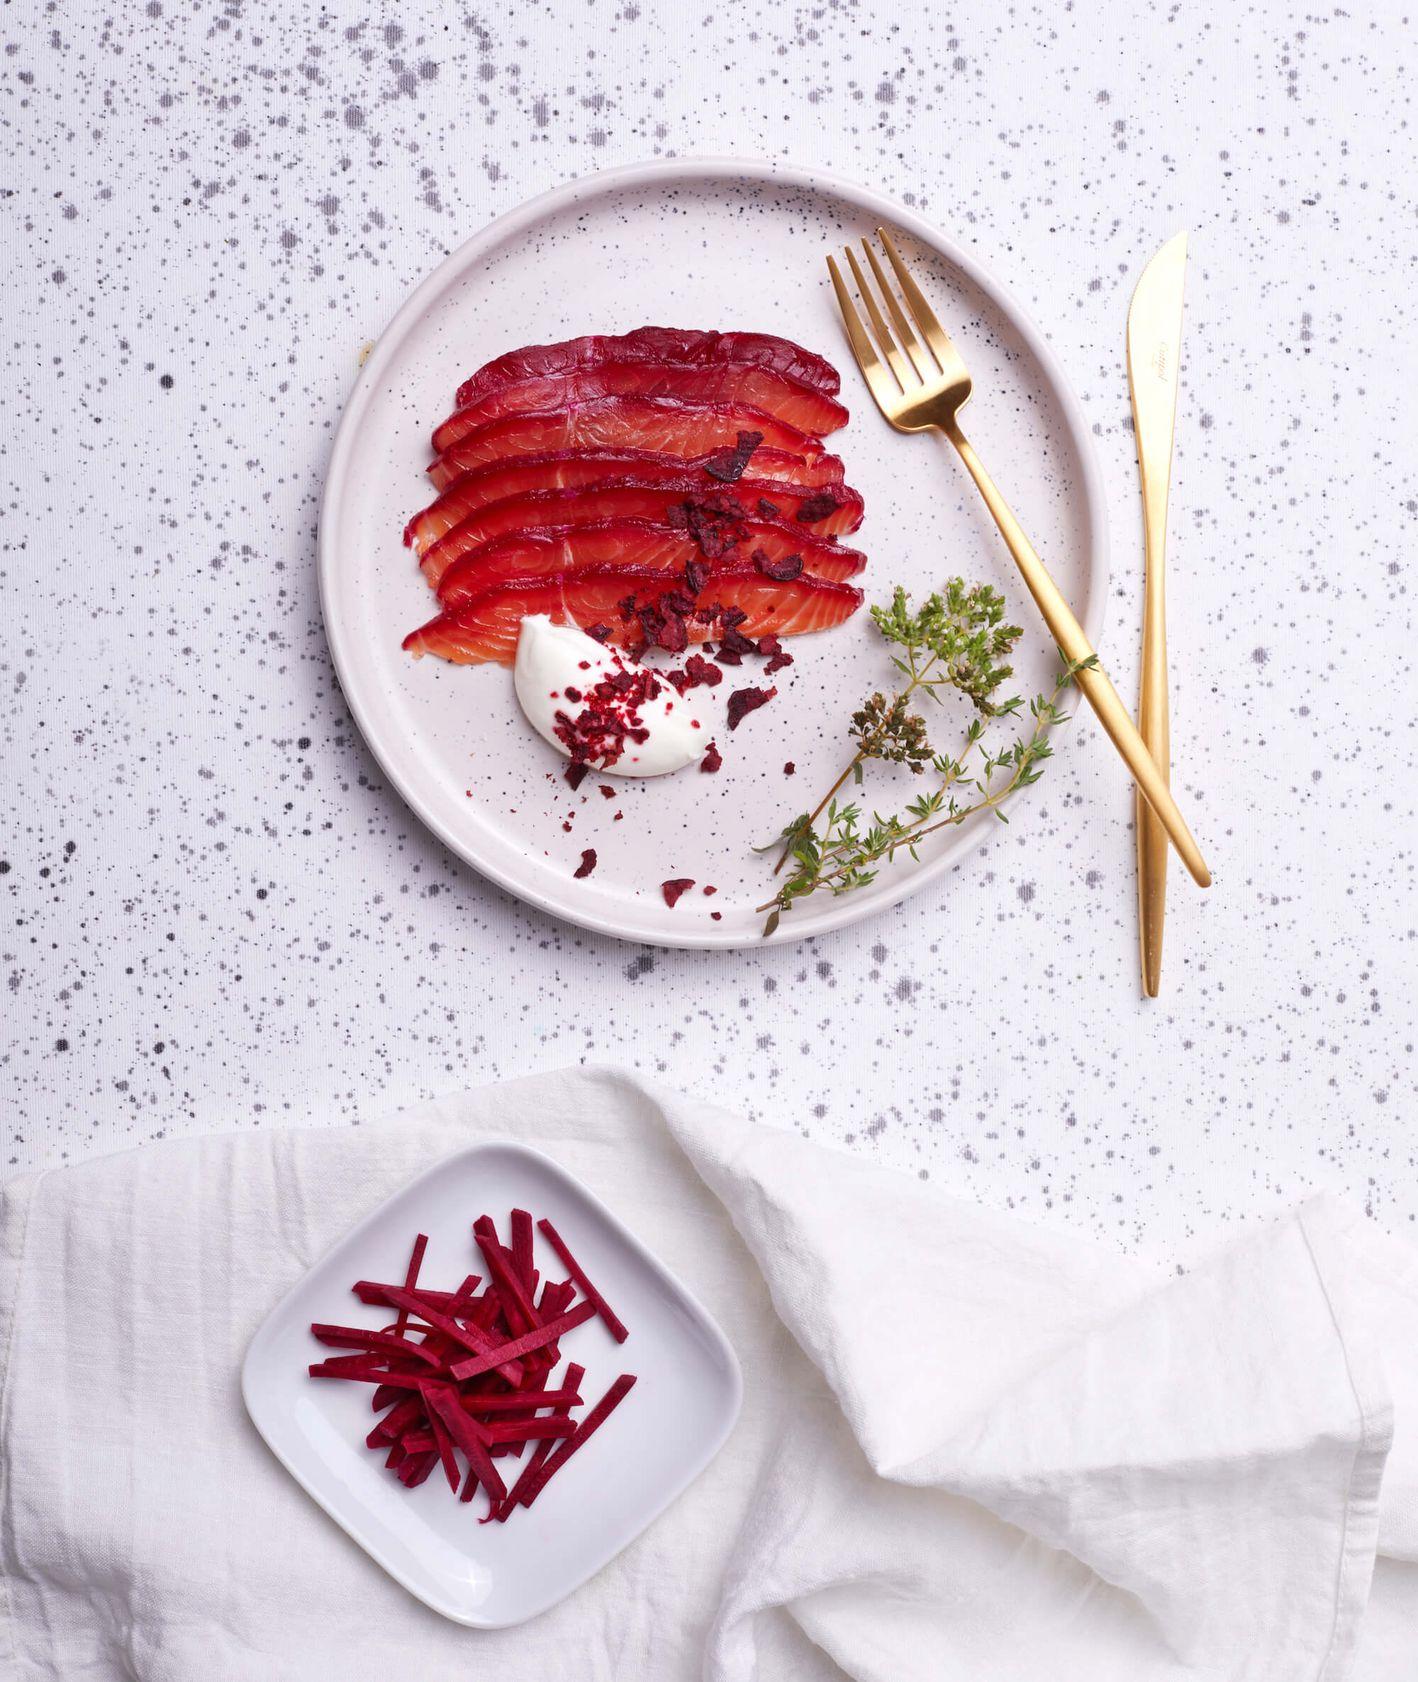 Buraczkowy gravlax z czerwonym pieprzem i kolendrą